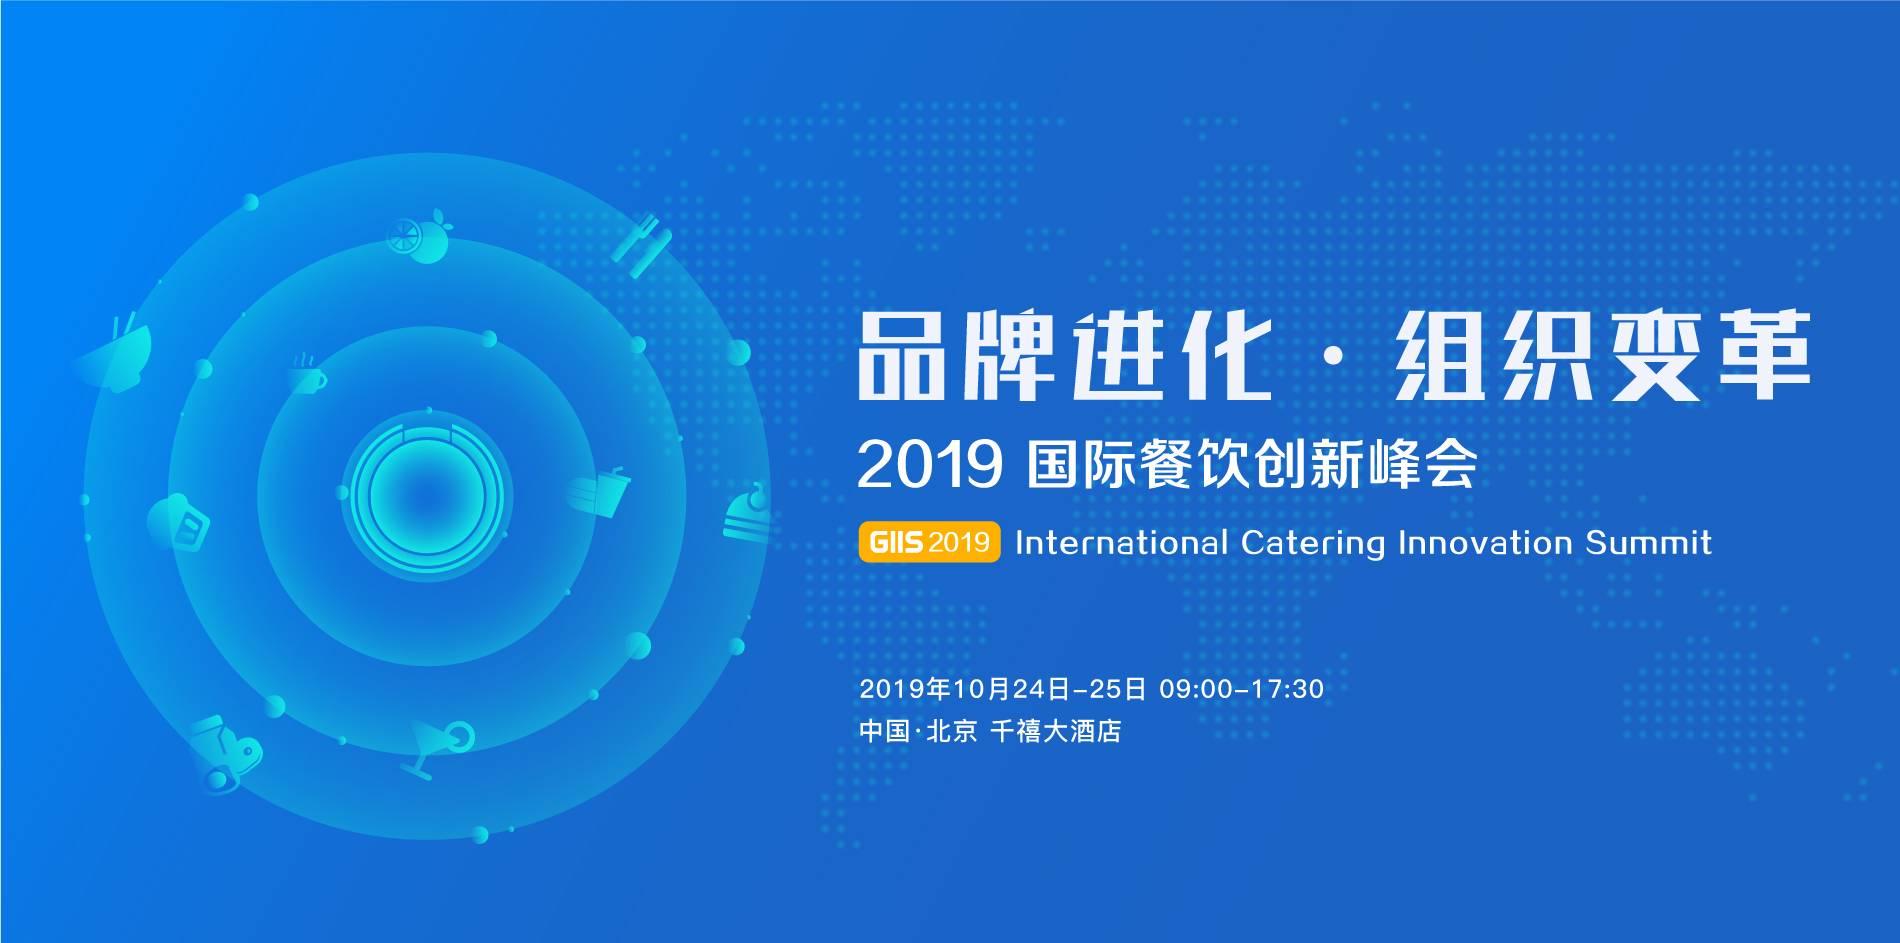 【活动】品牌进化·组织变革 GIIS·2019国际餐饮创新峰会-亿欧